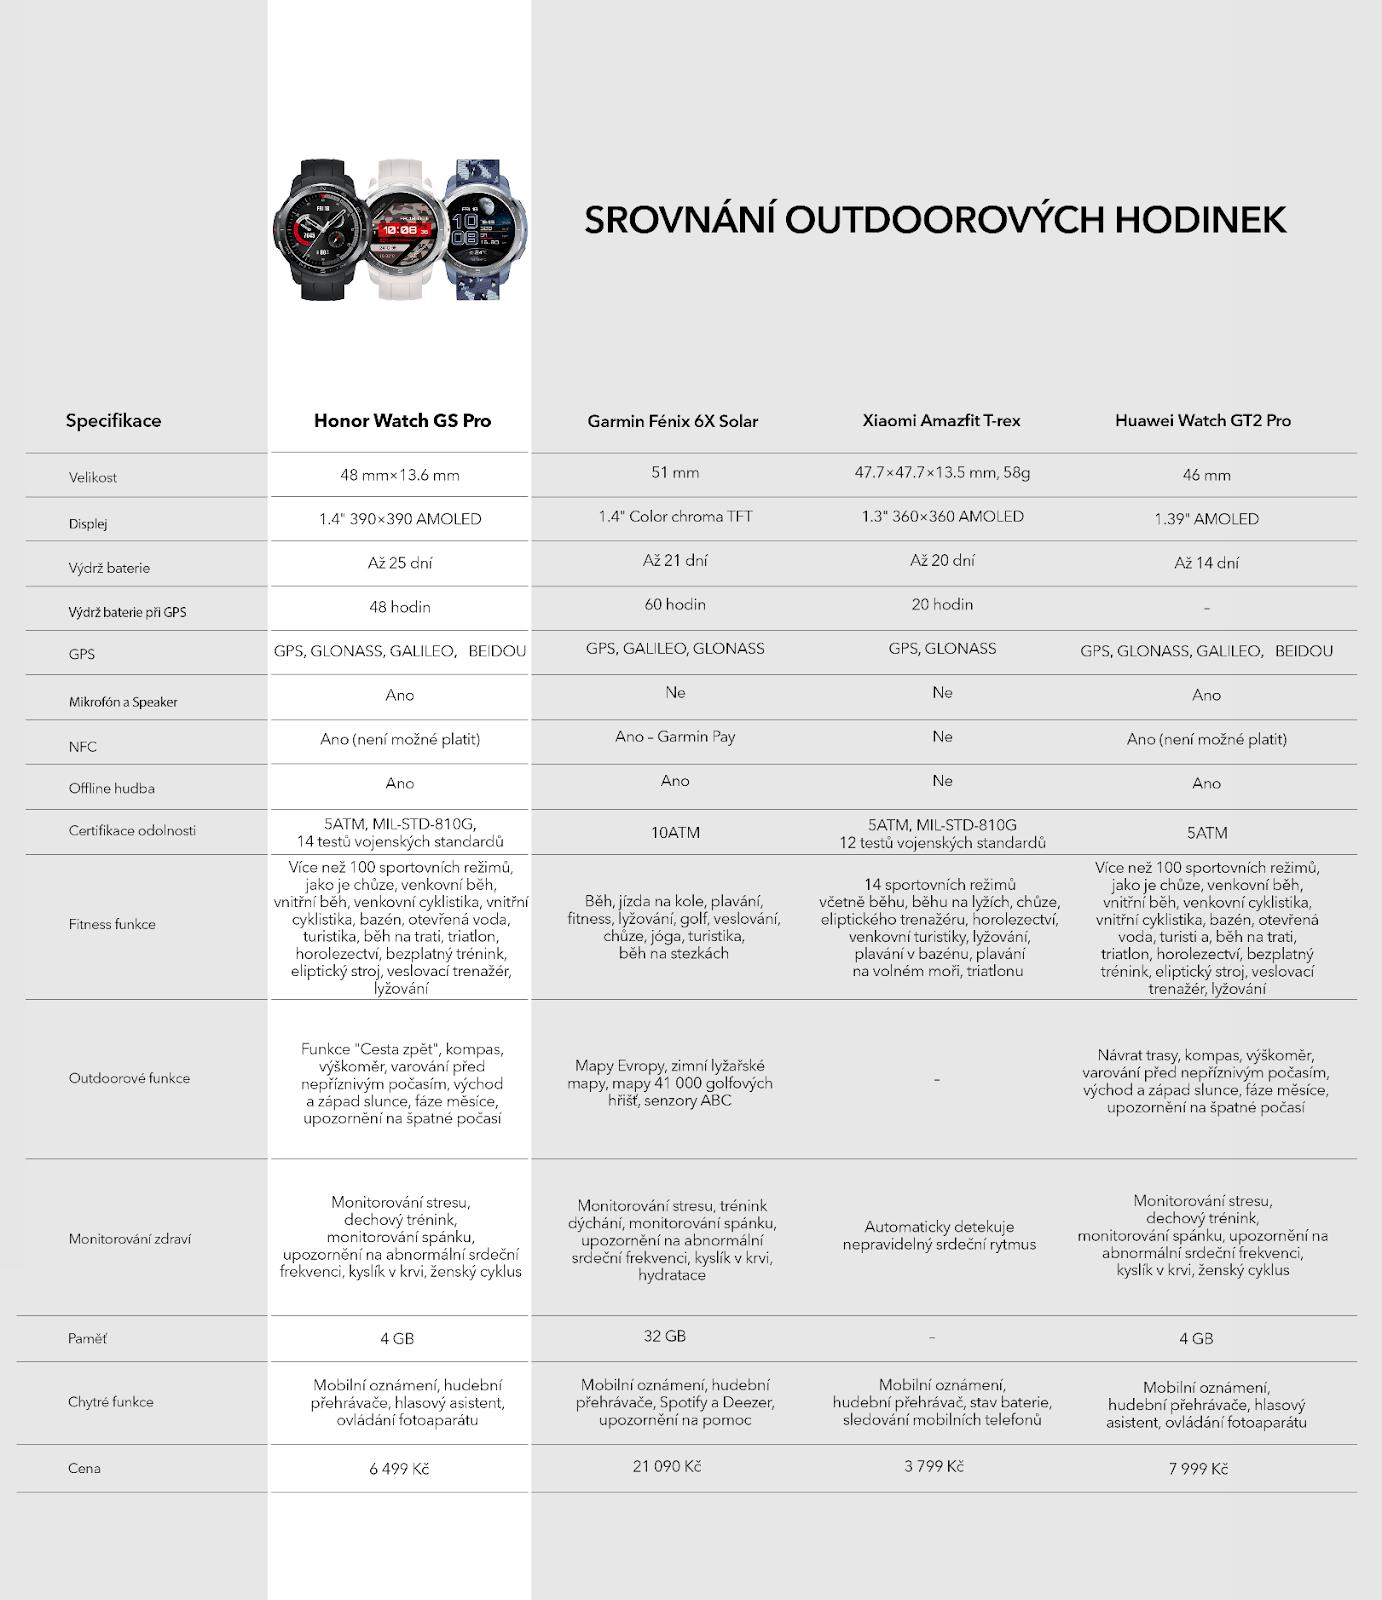 C:\Users\d84171079\Desktop\HONOR Watch GS Pro Comparison table.png